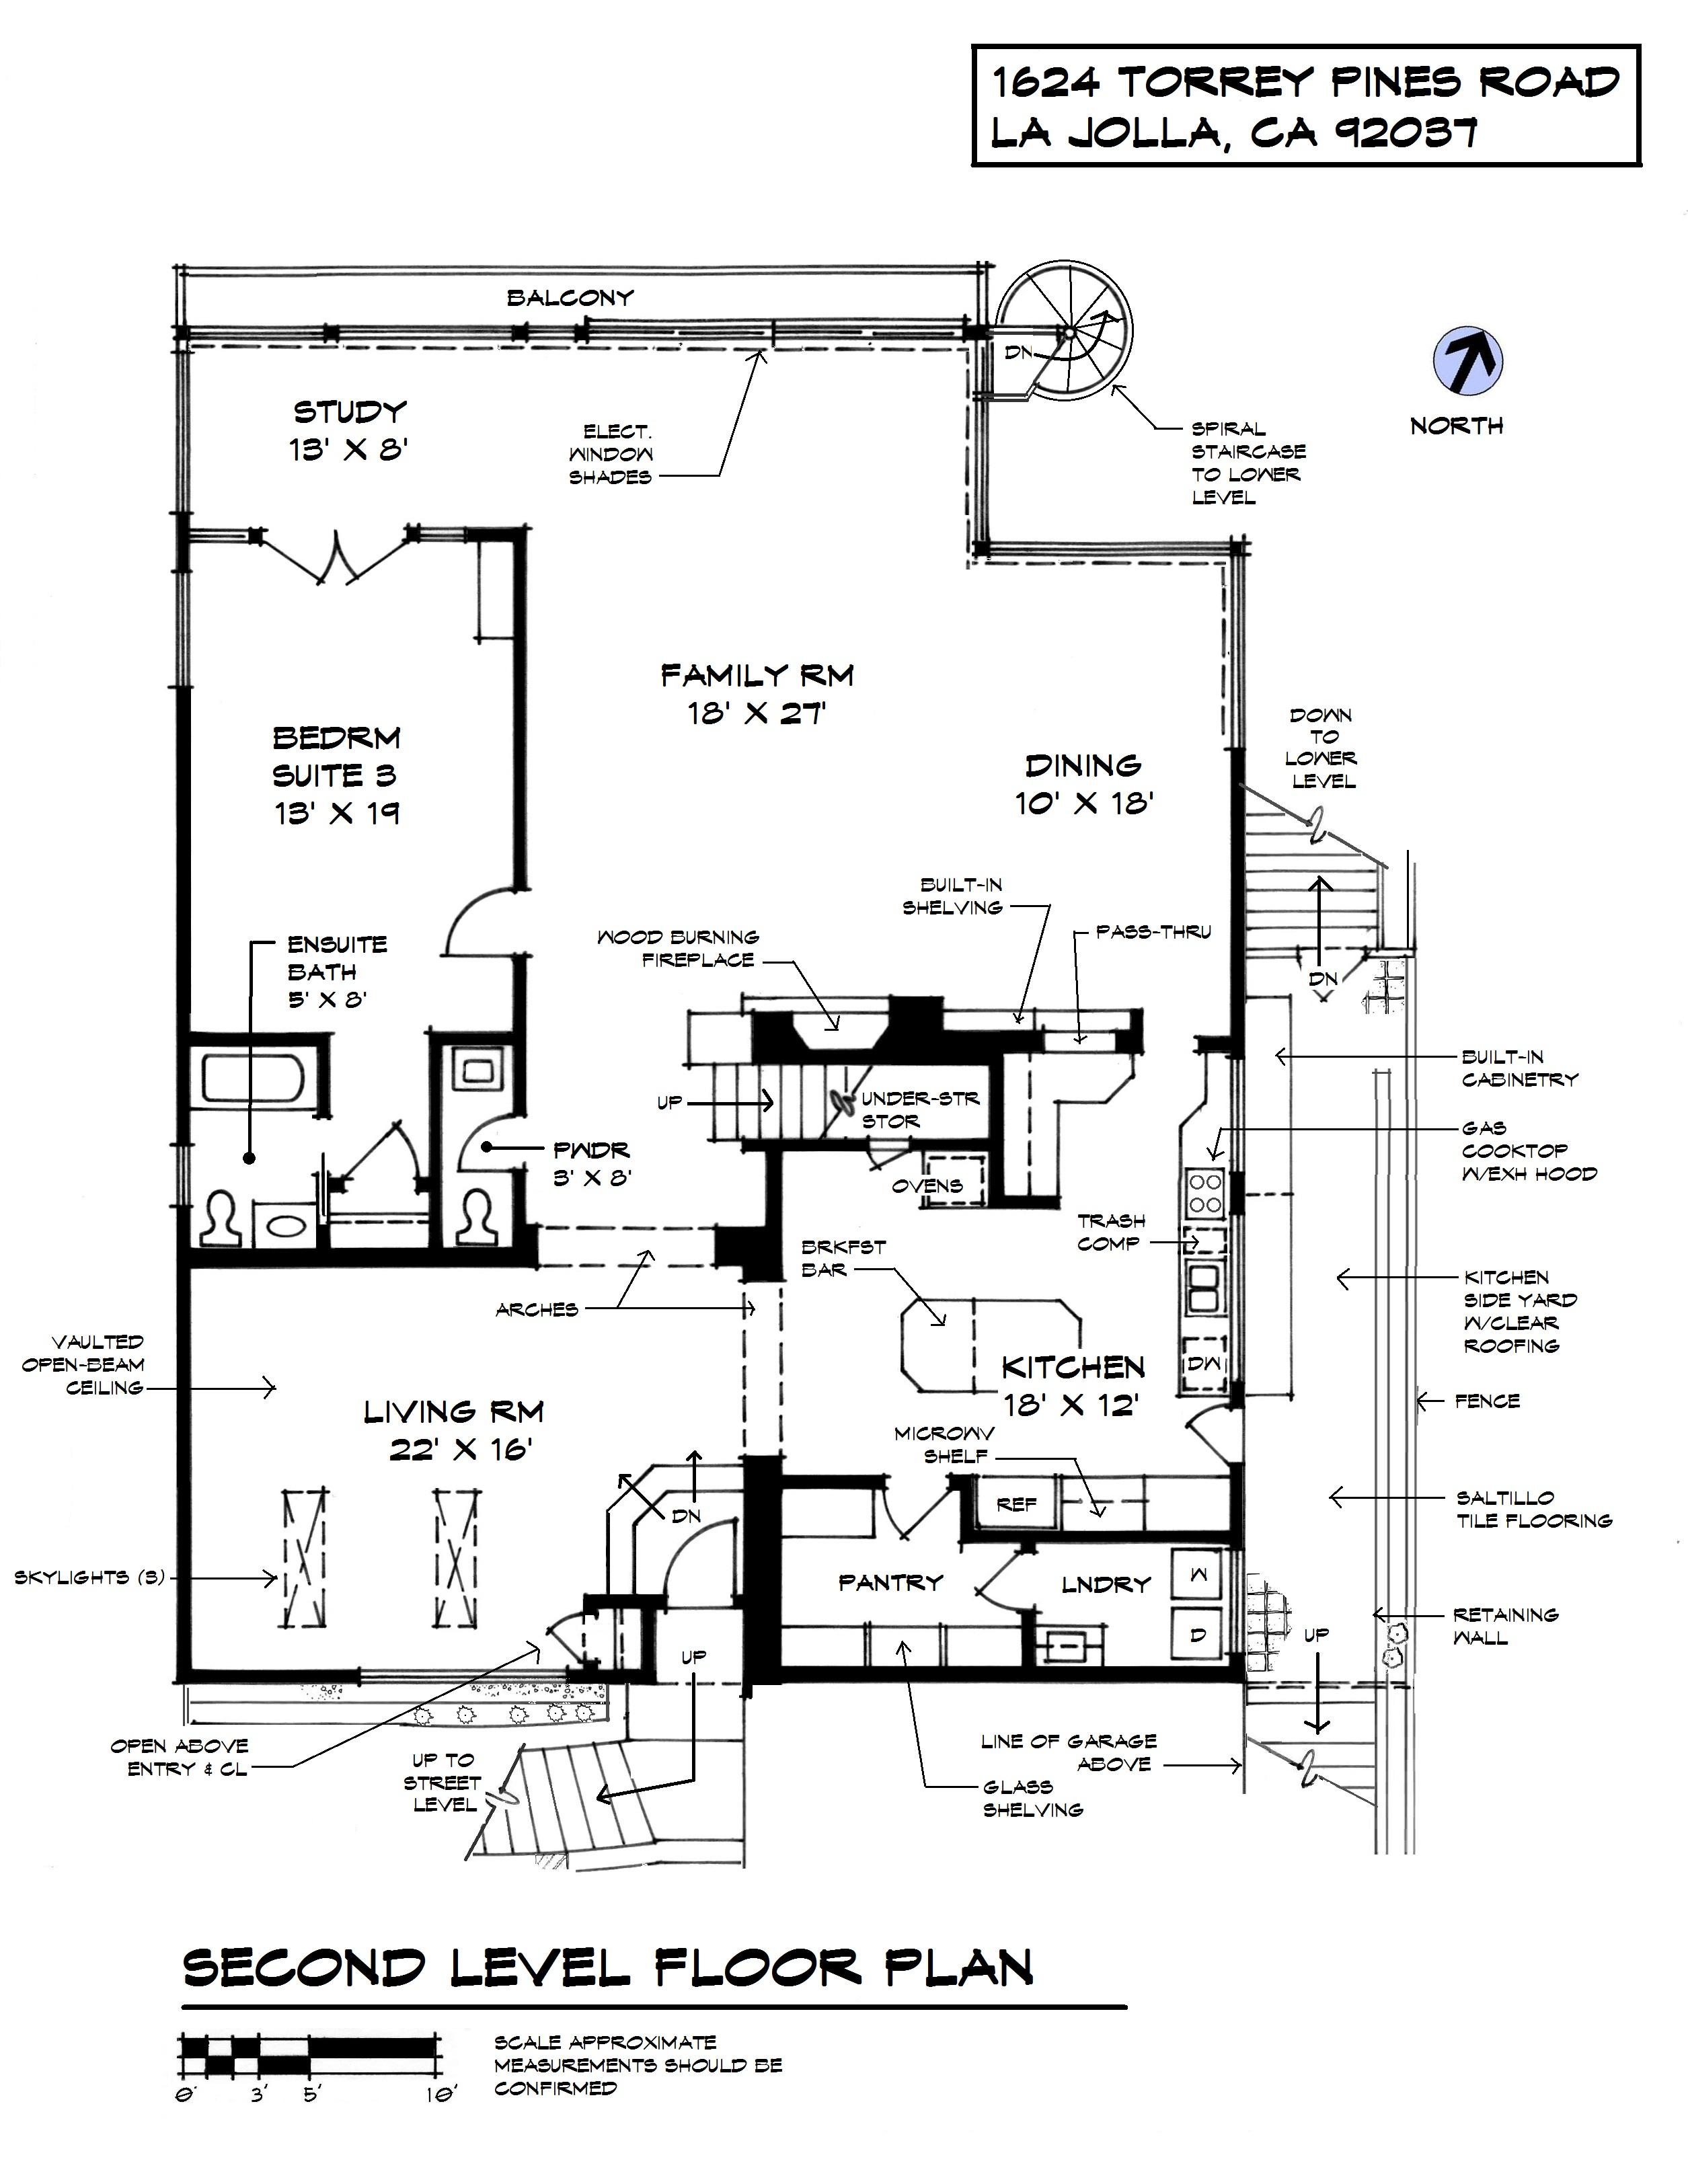 1624 Torrey Pines Street Lv Plan